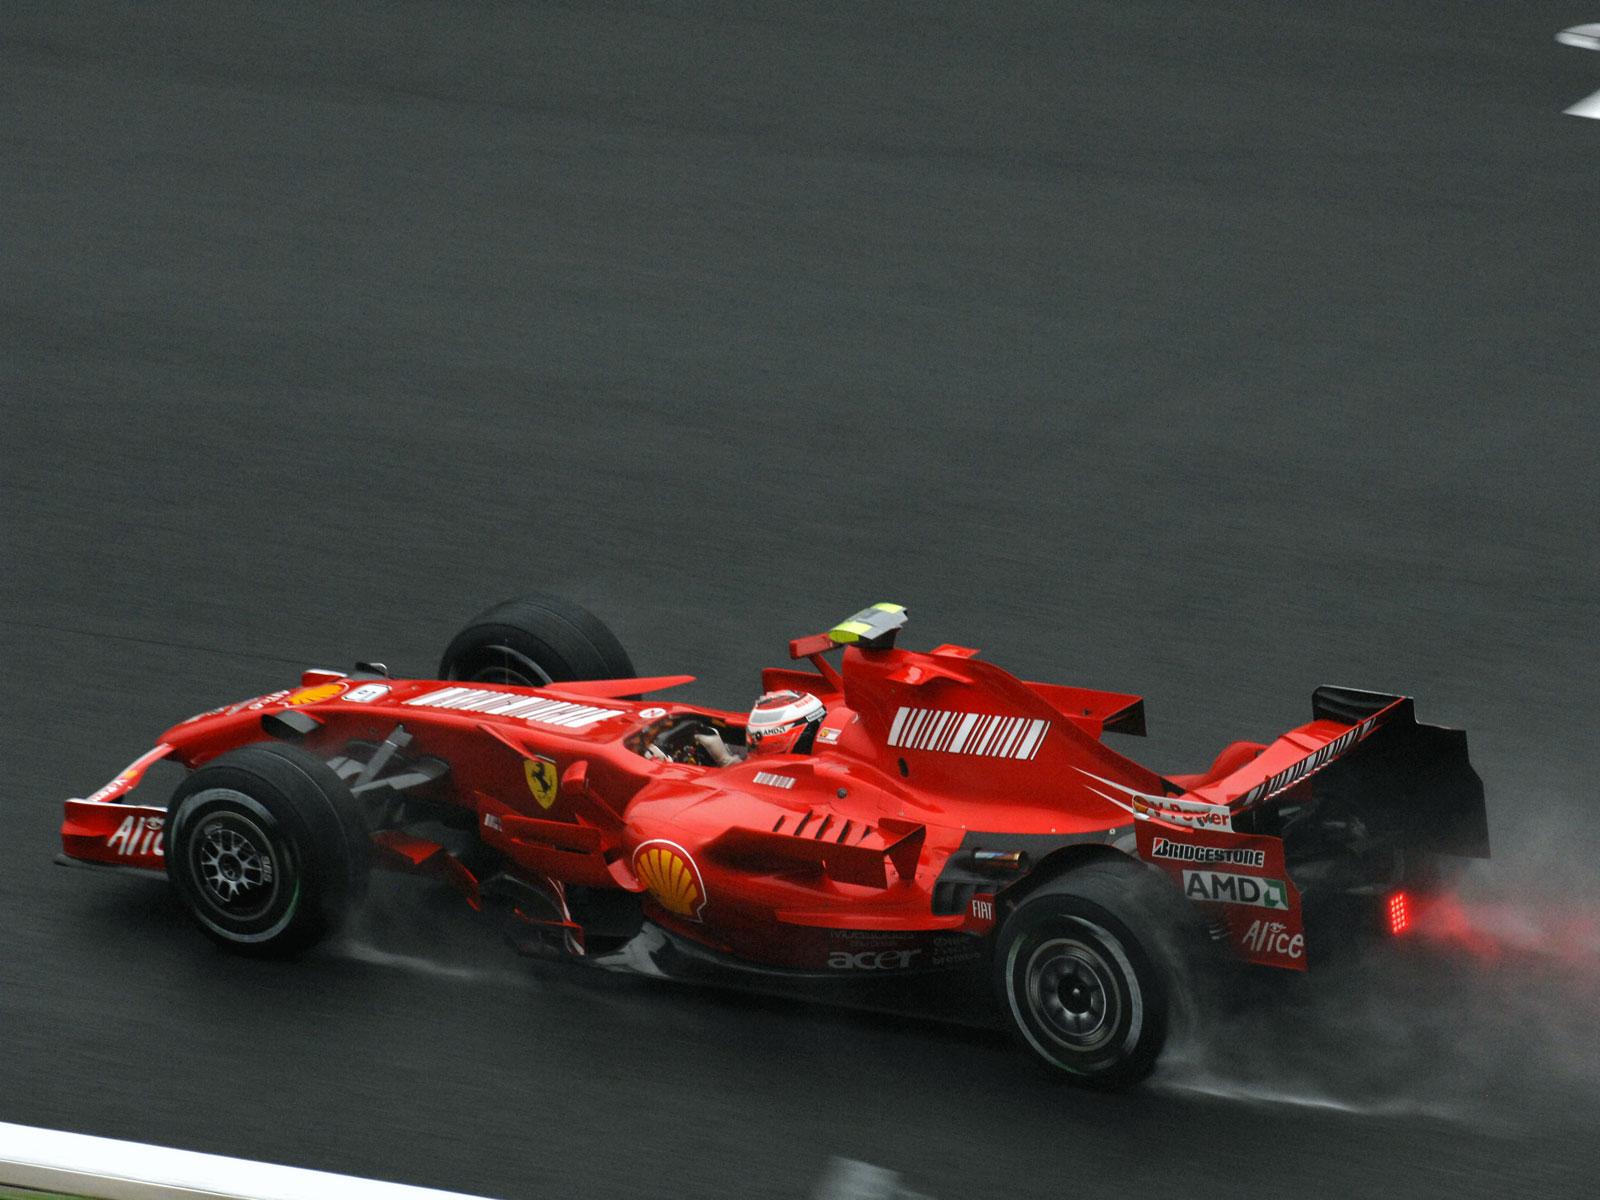 F1-Fansite.com+2007+HD+wallpaper+F1+GP+J